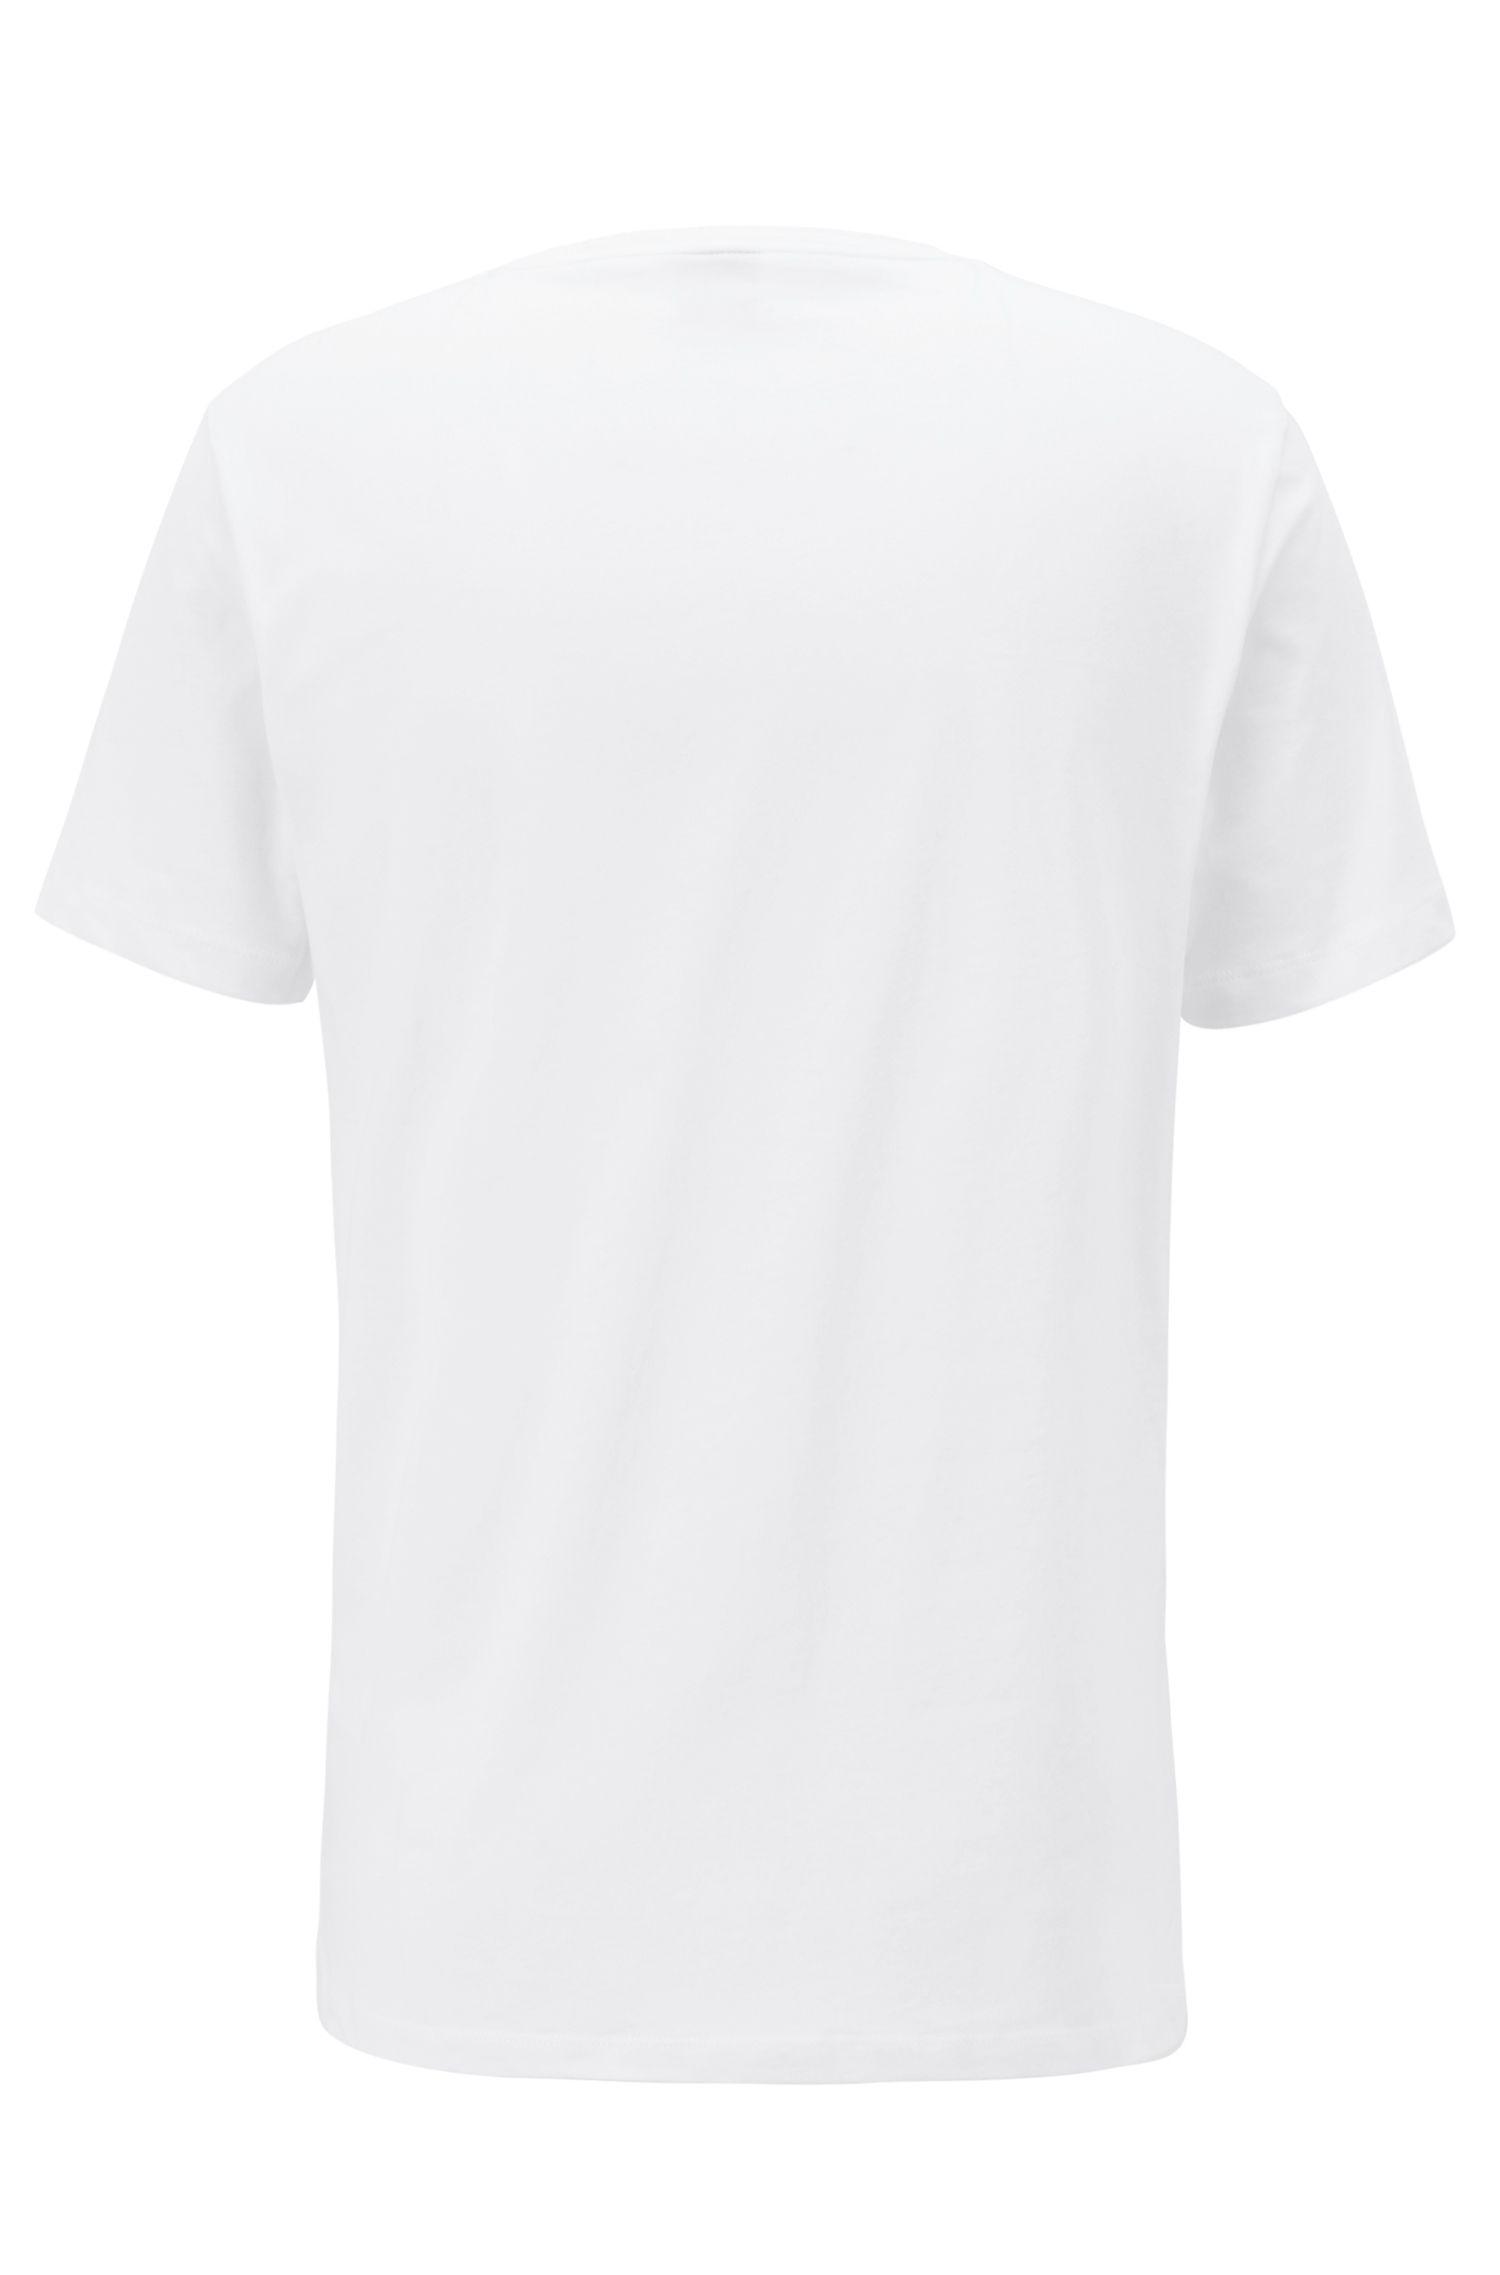 T-shirt met ronde hals van katoen met groot logoprint, Wit